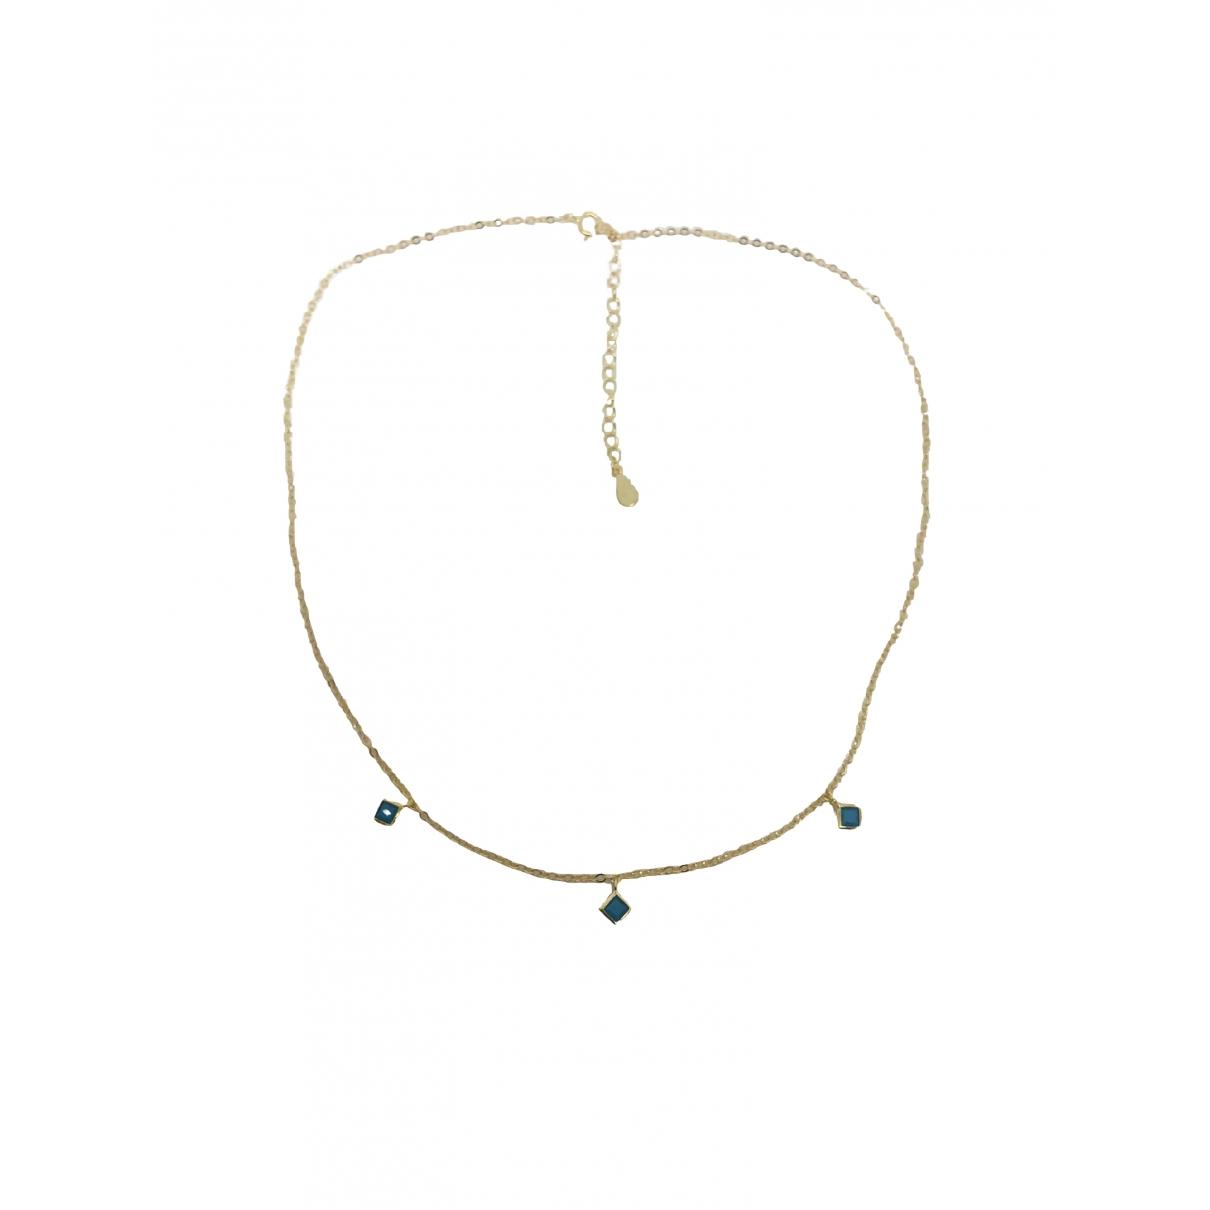 Collar Turquoises de Plata Non Signe / Unsigned